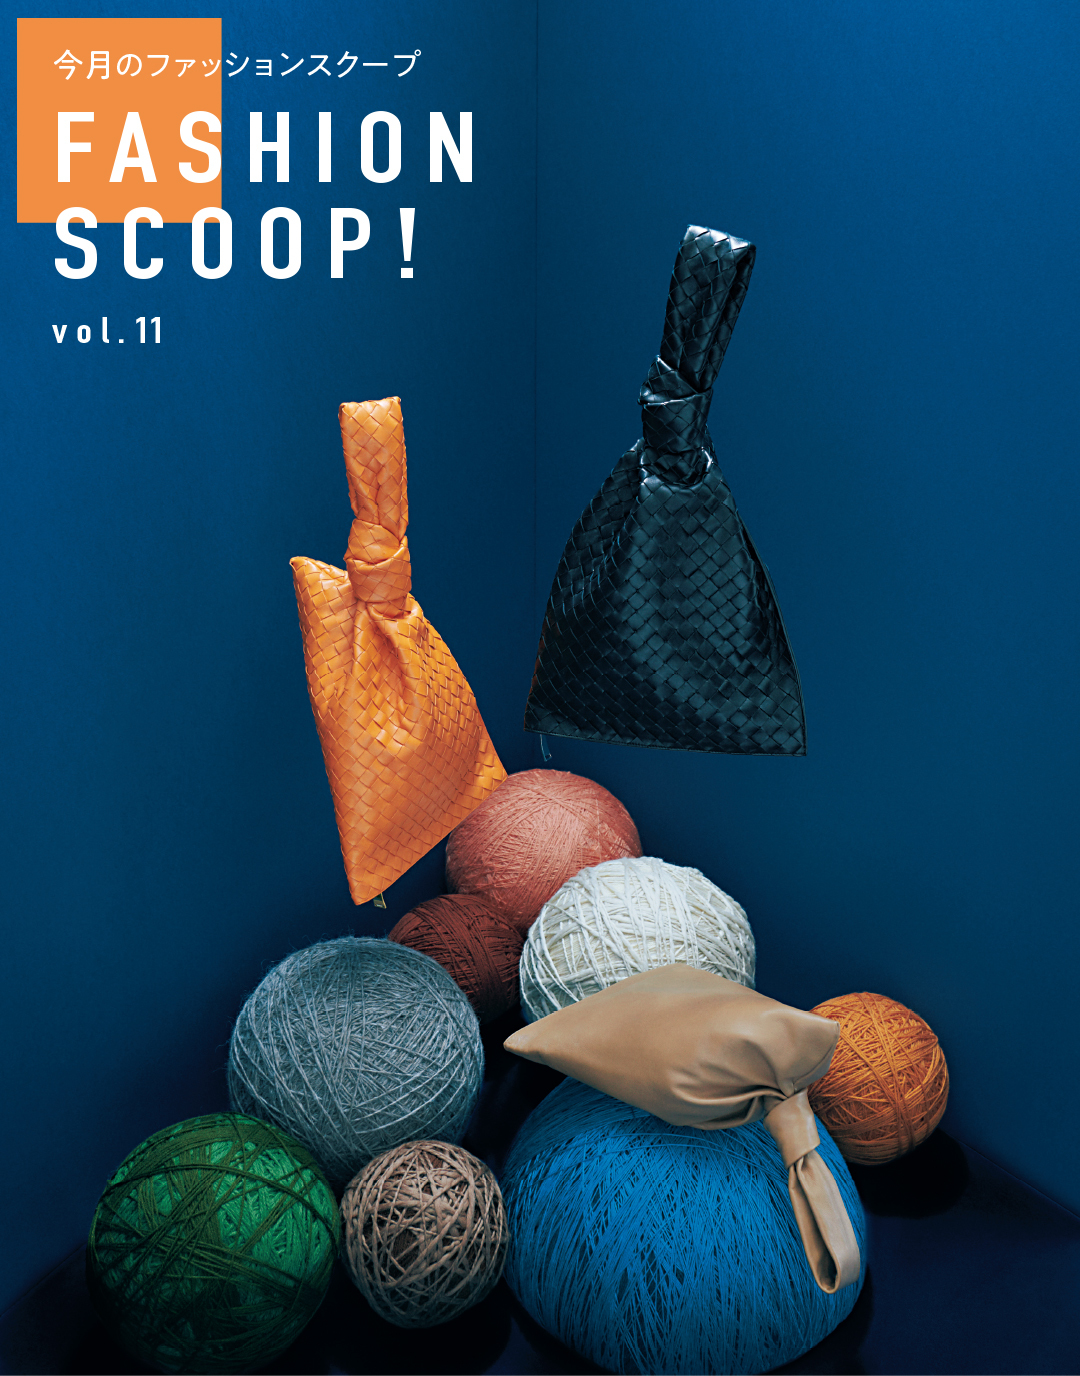 今月のファッションスクープ FASHION SCOOP! vol.11